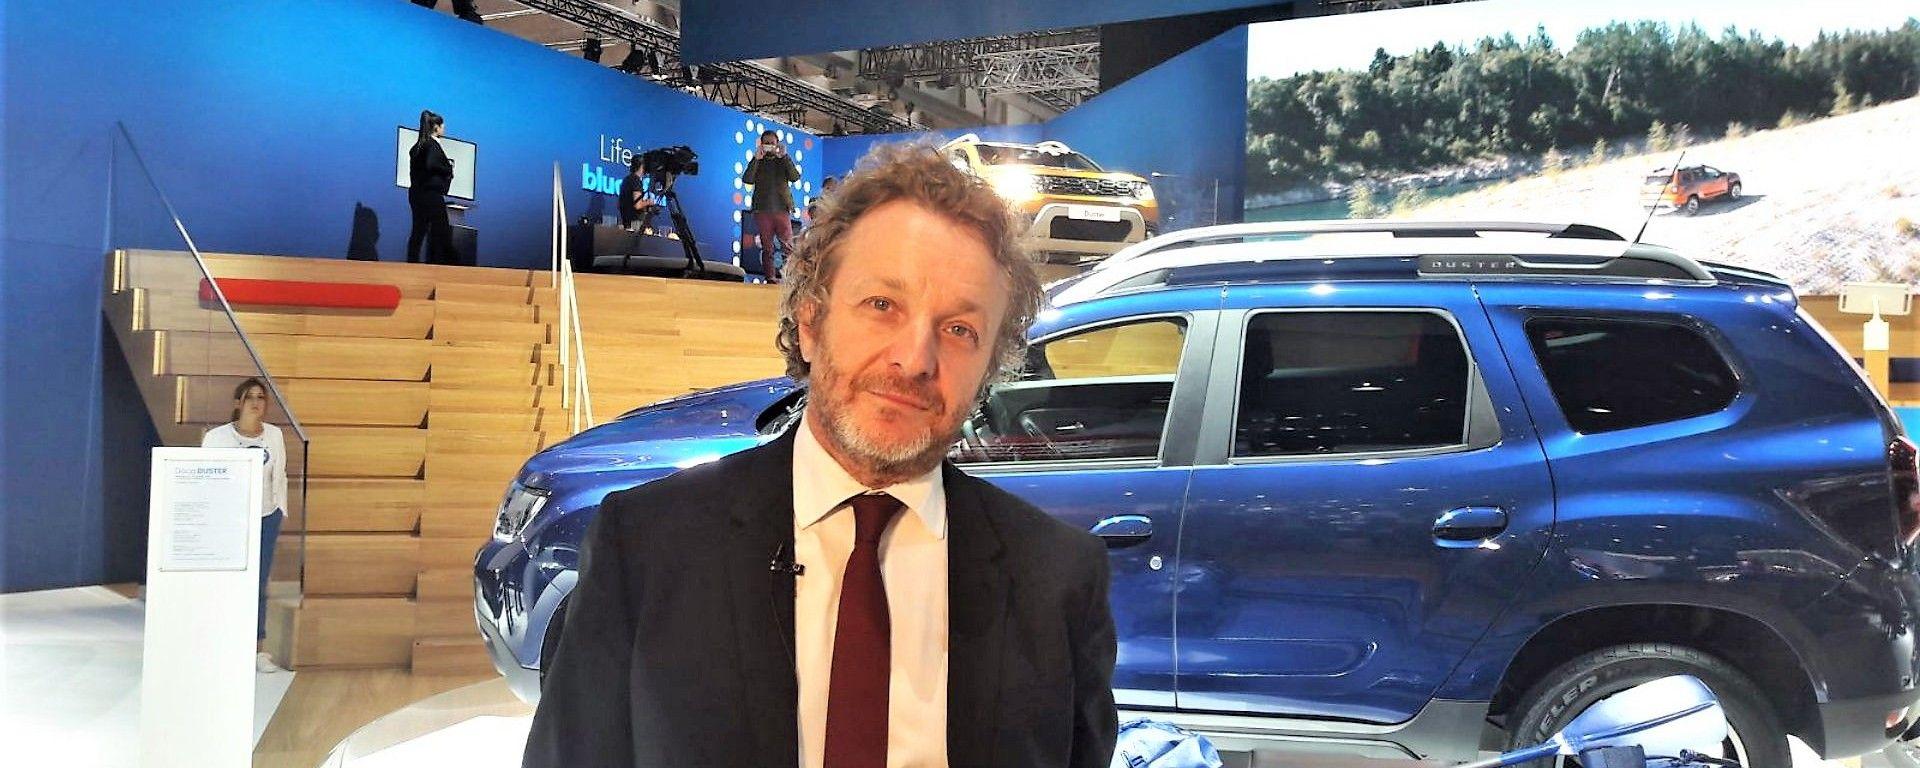 Le novità Dacia raccontate da Francesco Fontana Giusti, Direttore Comunicazione e Immagine Renault Italia